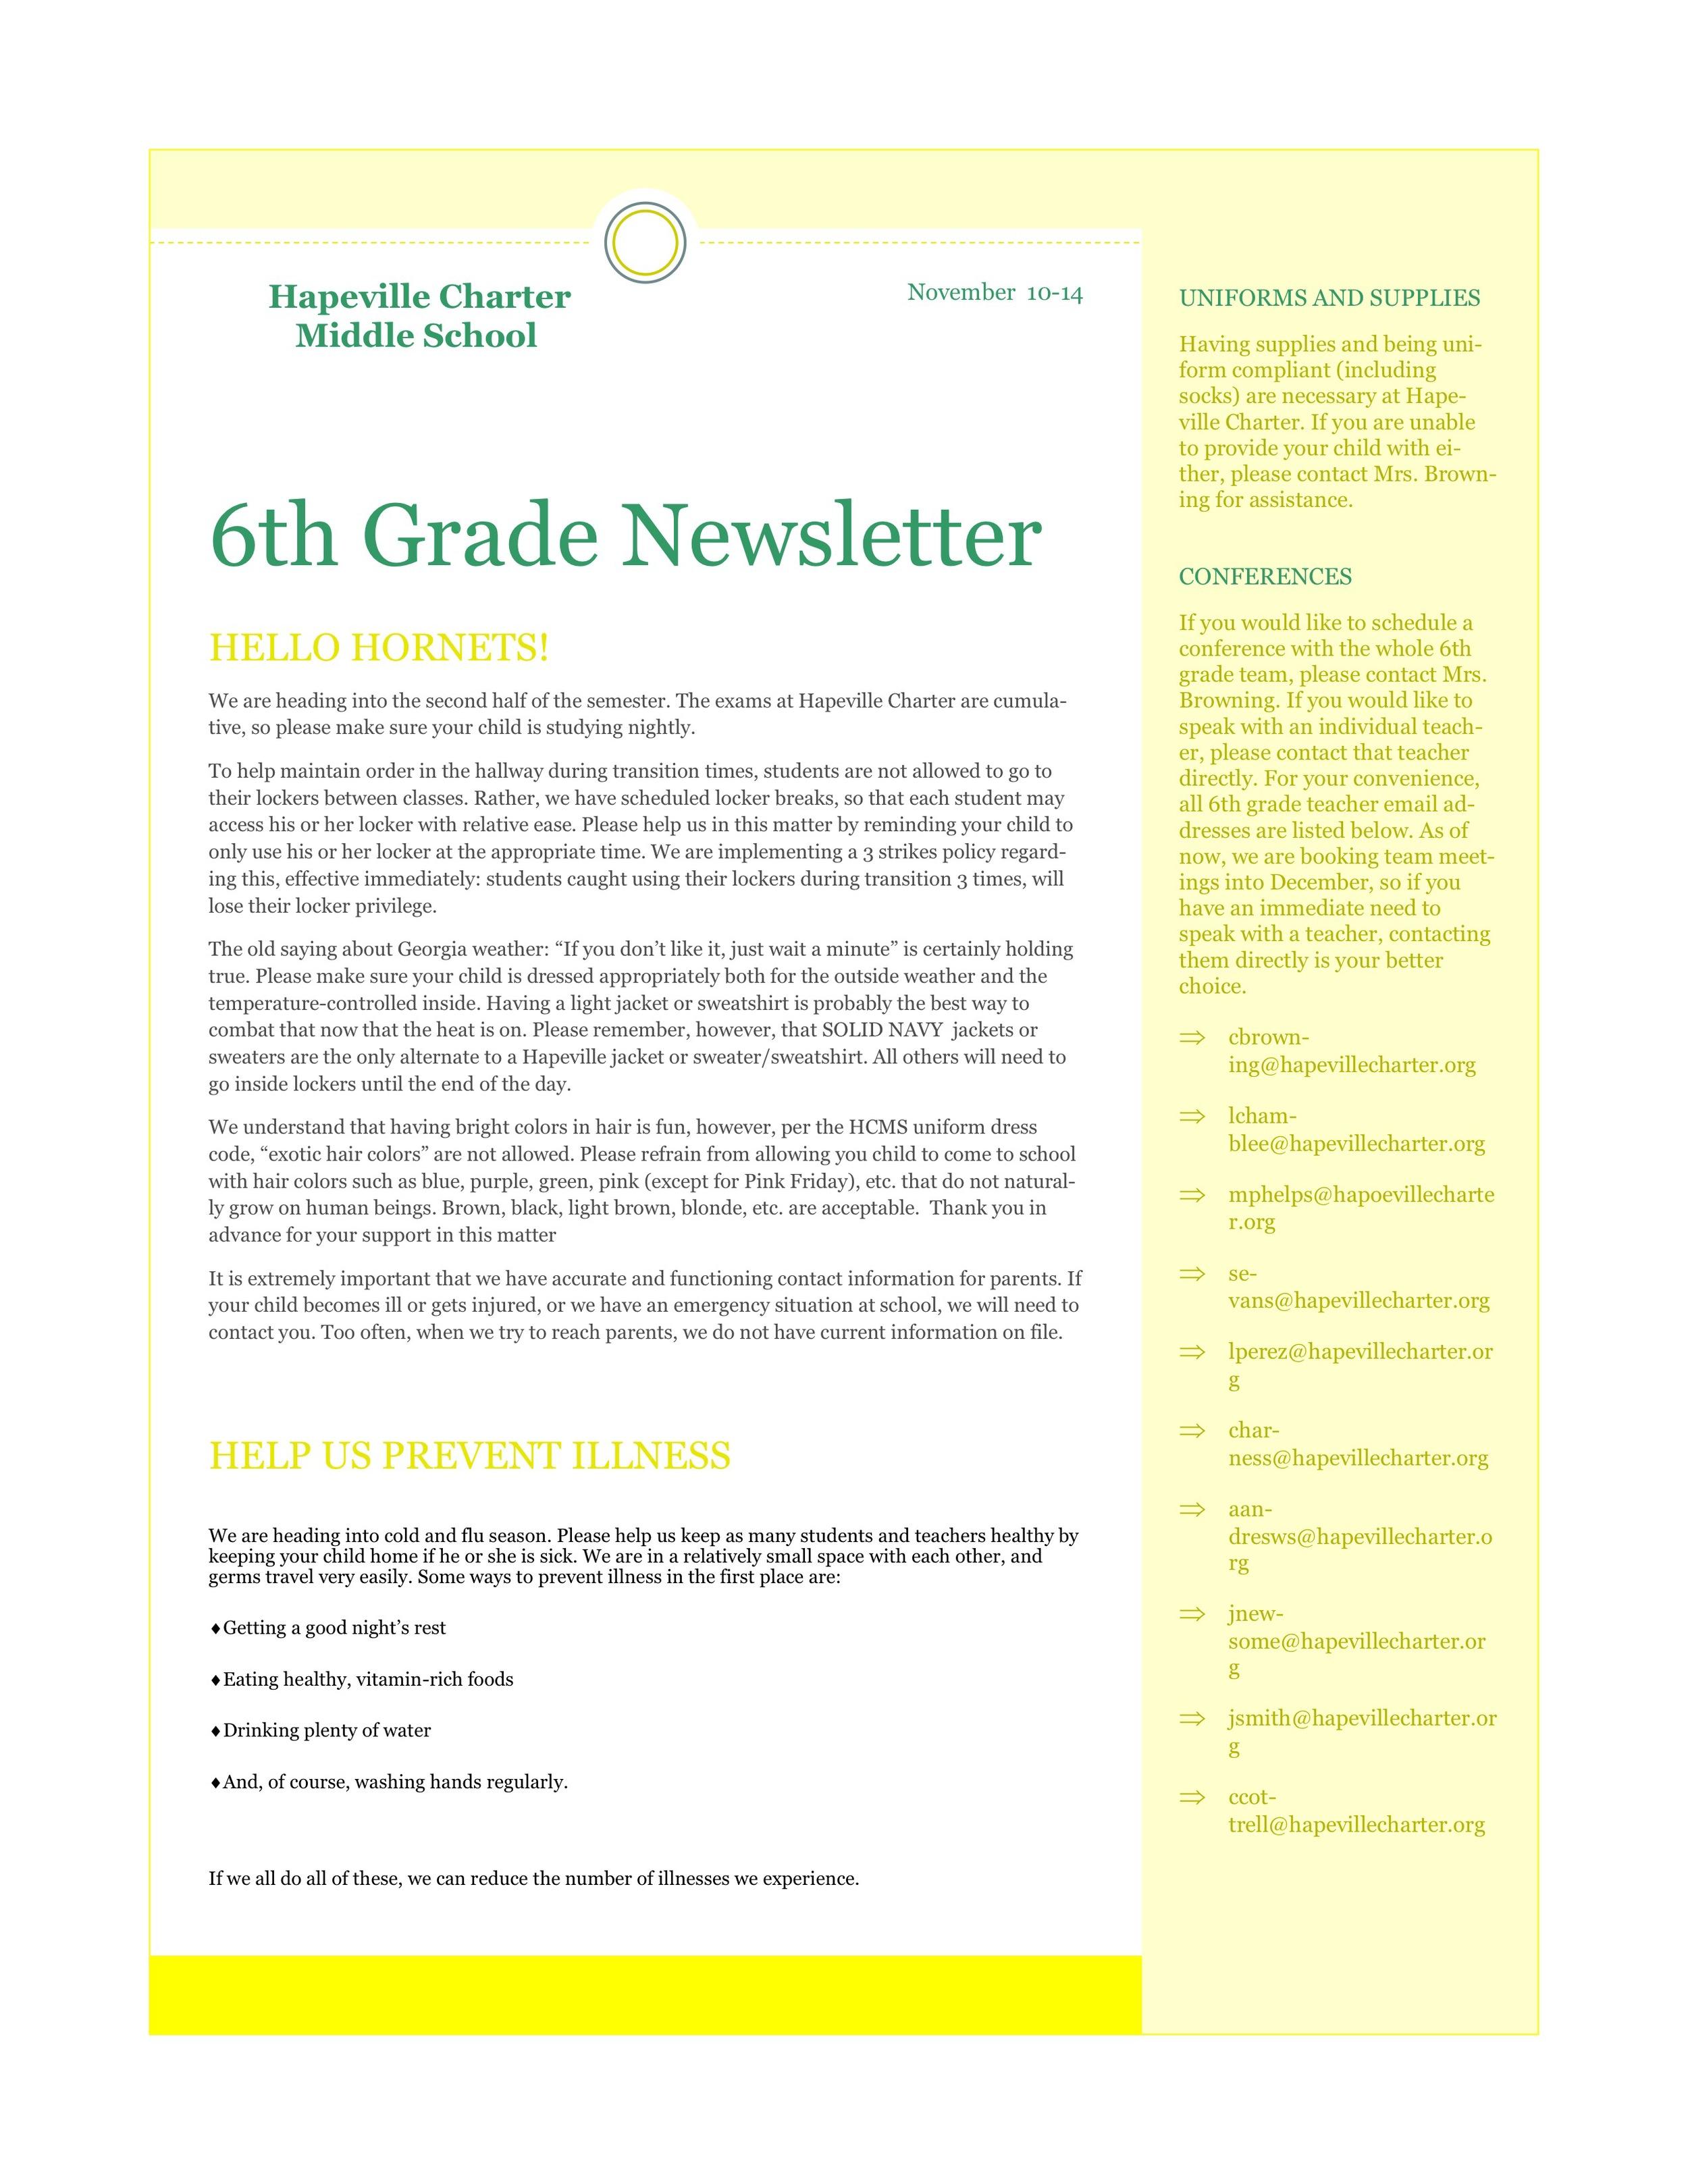 Newsletter Image6th grade November 10-14.jpeg